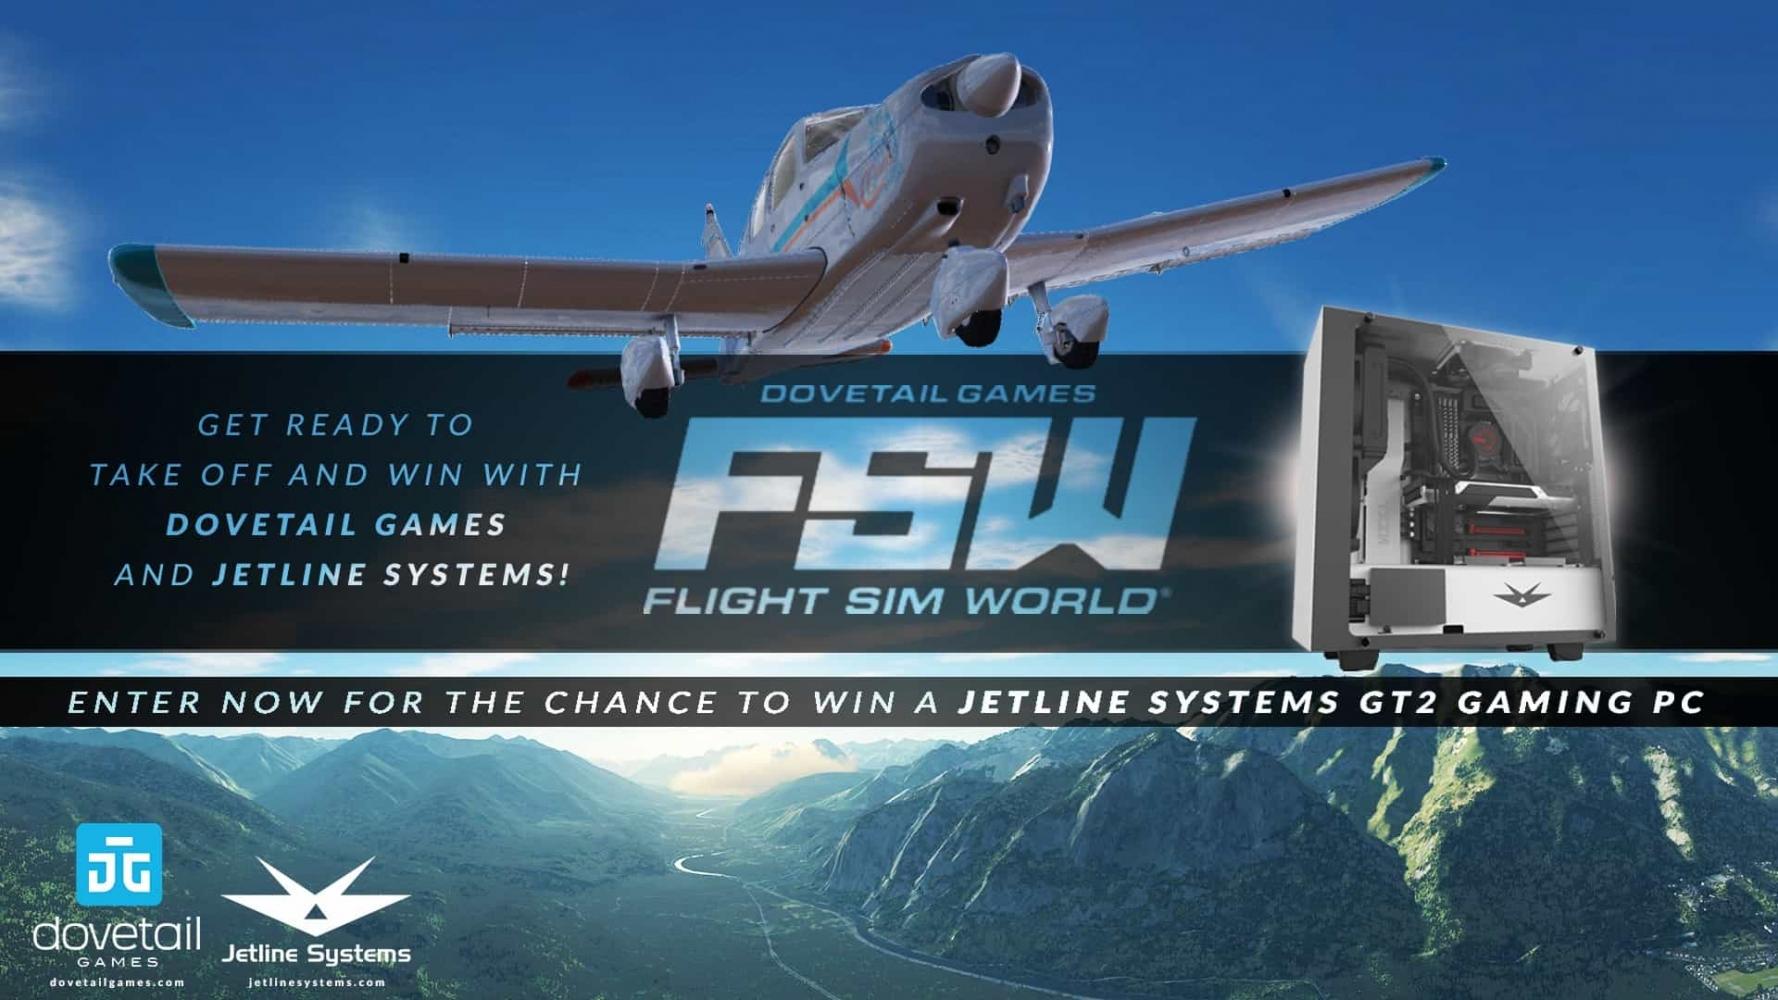 FSW-PC-Gamer.jpg